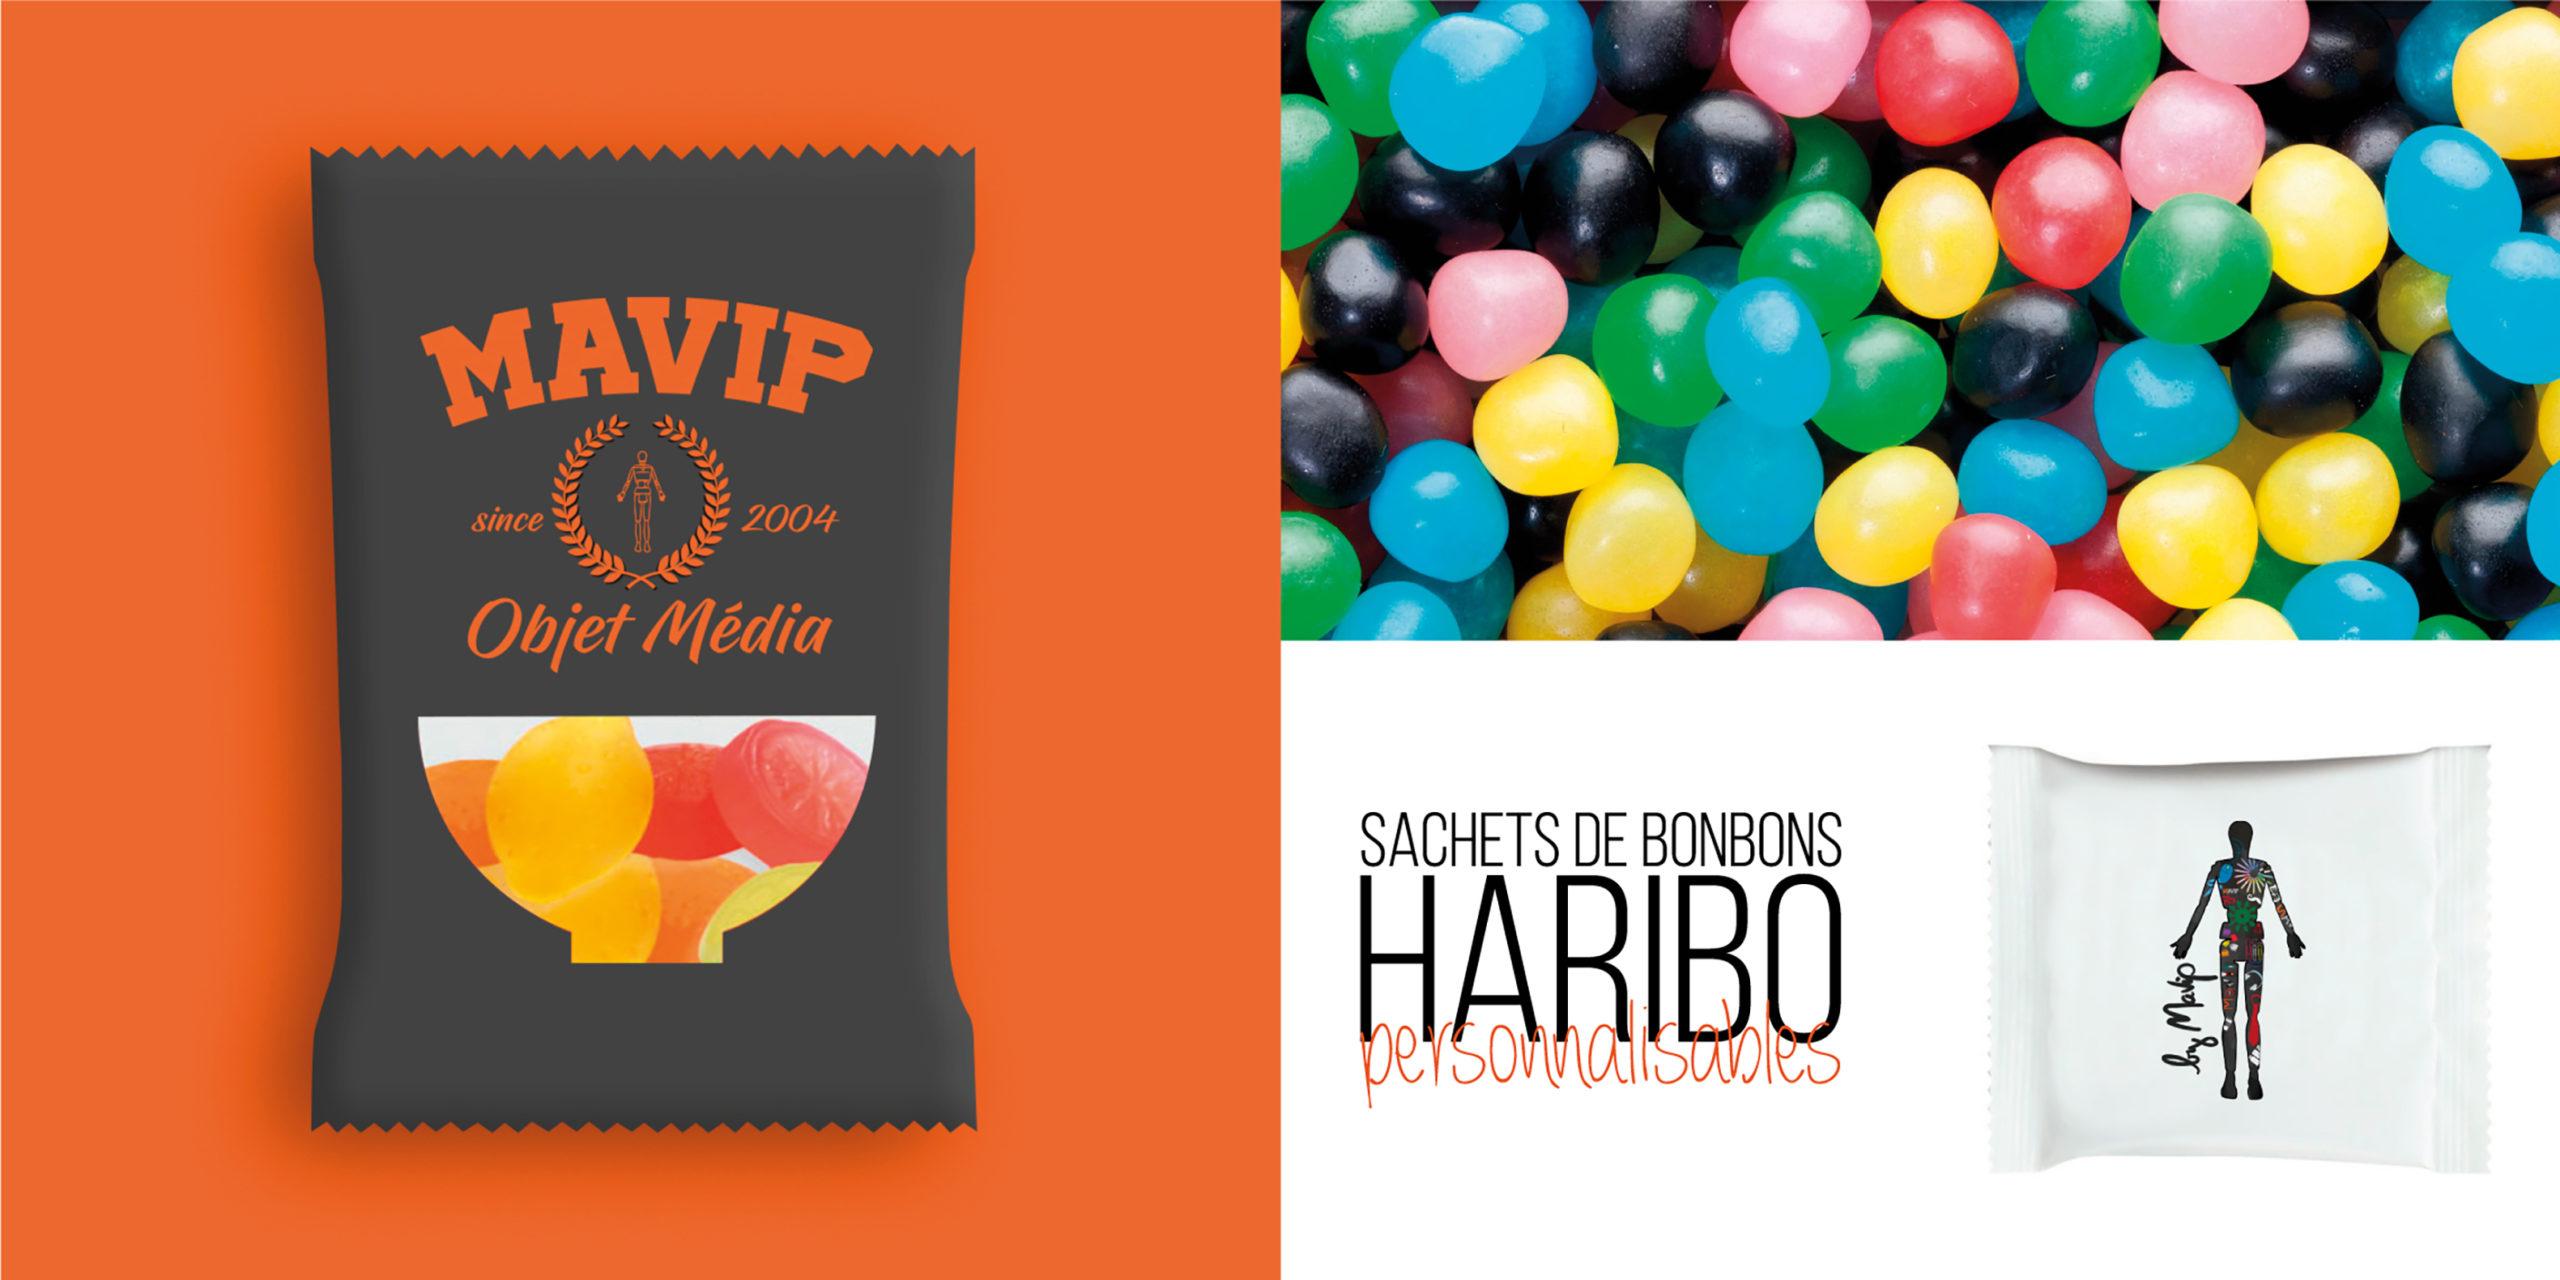 Sachets de bonbons Haribo personnalisables